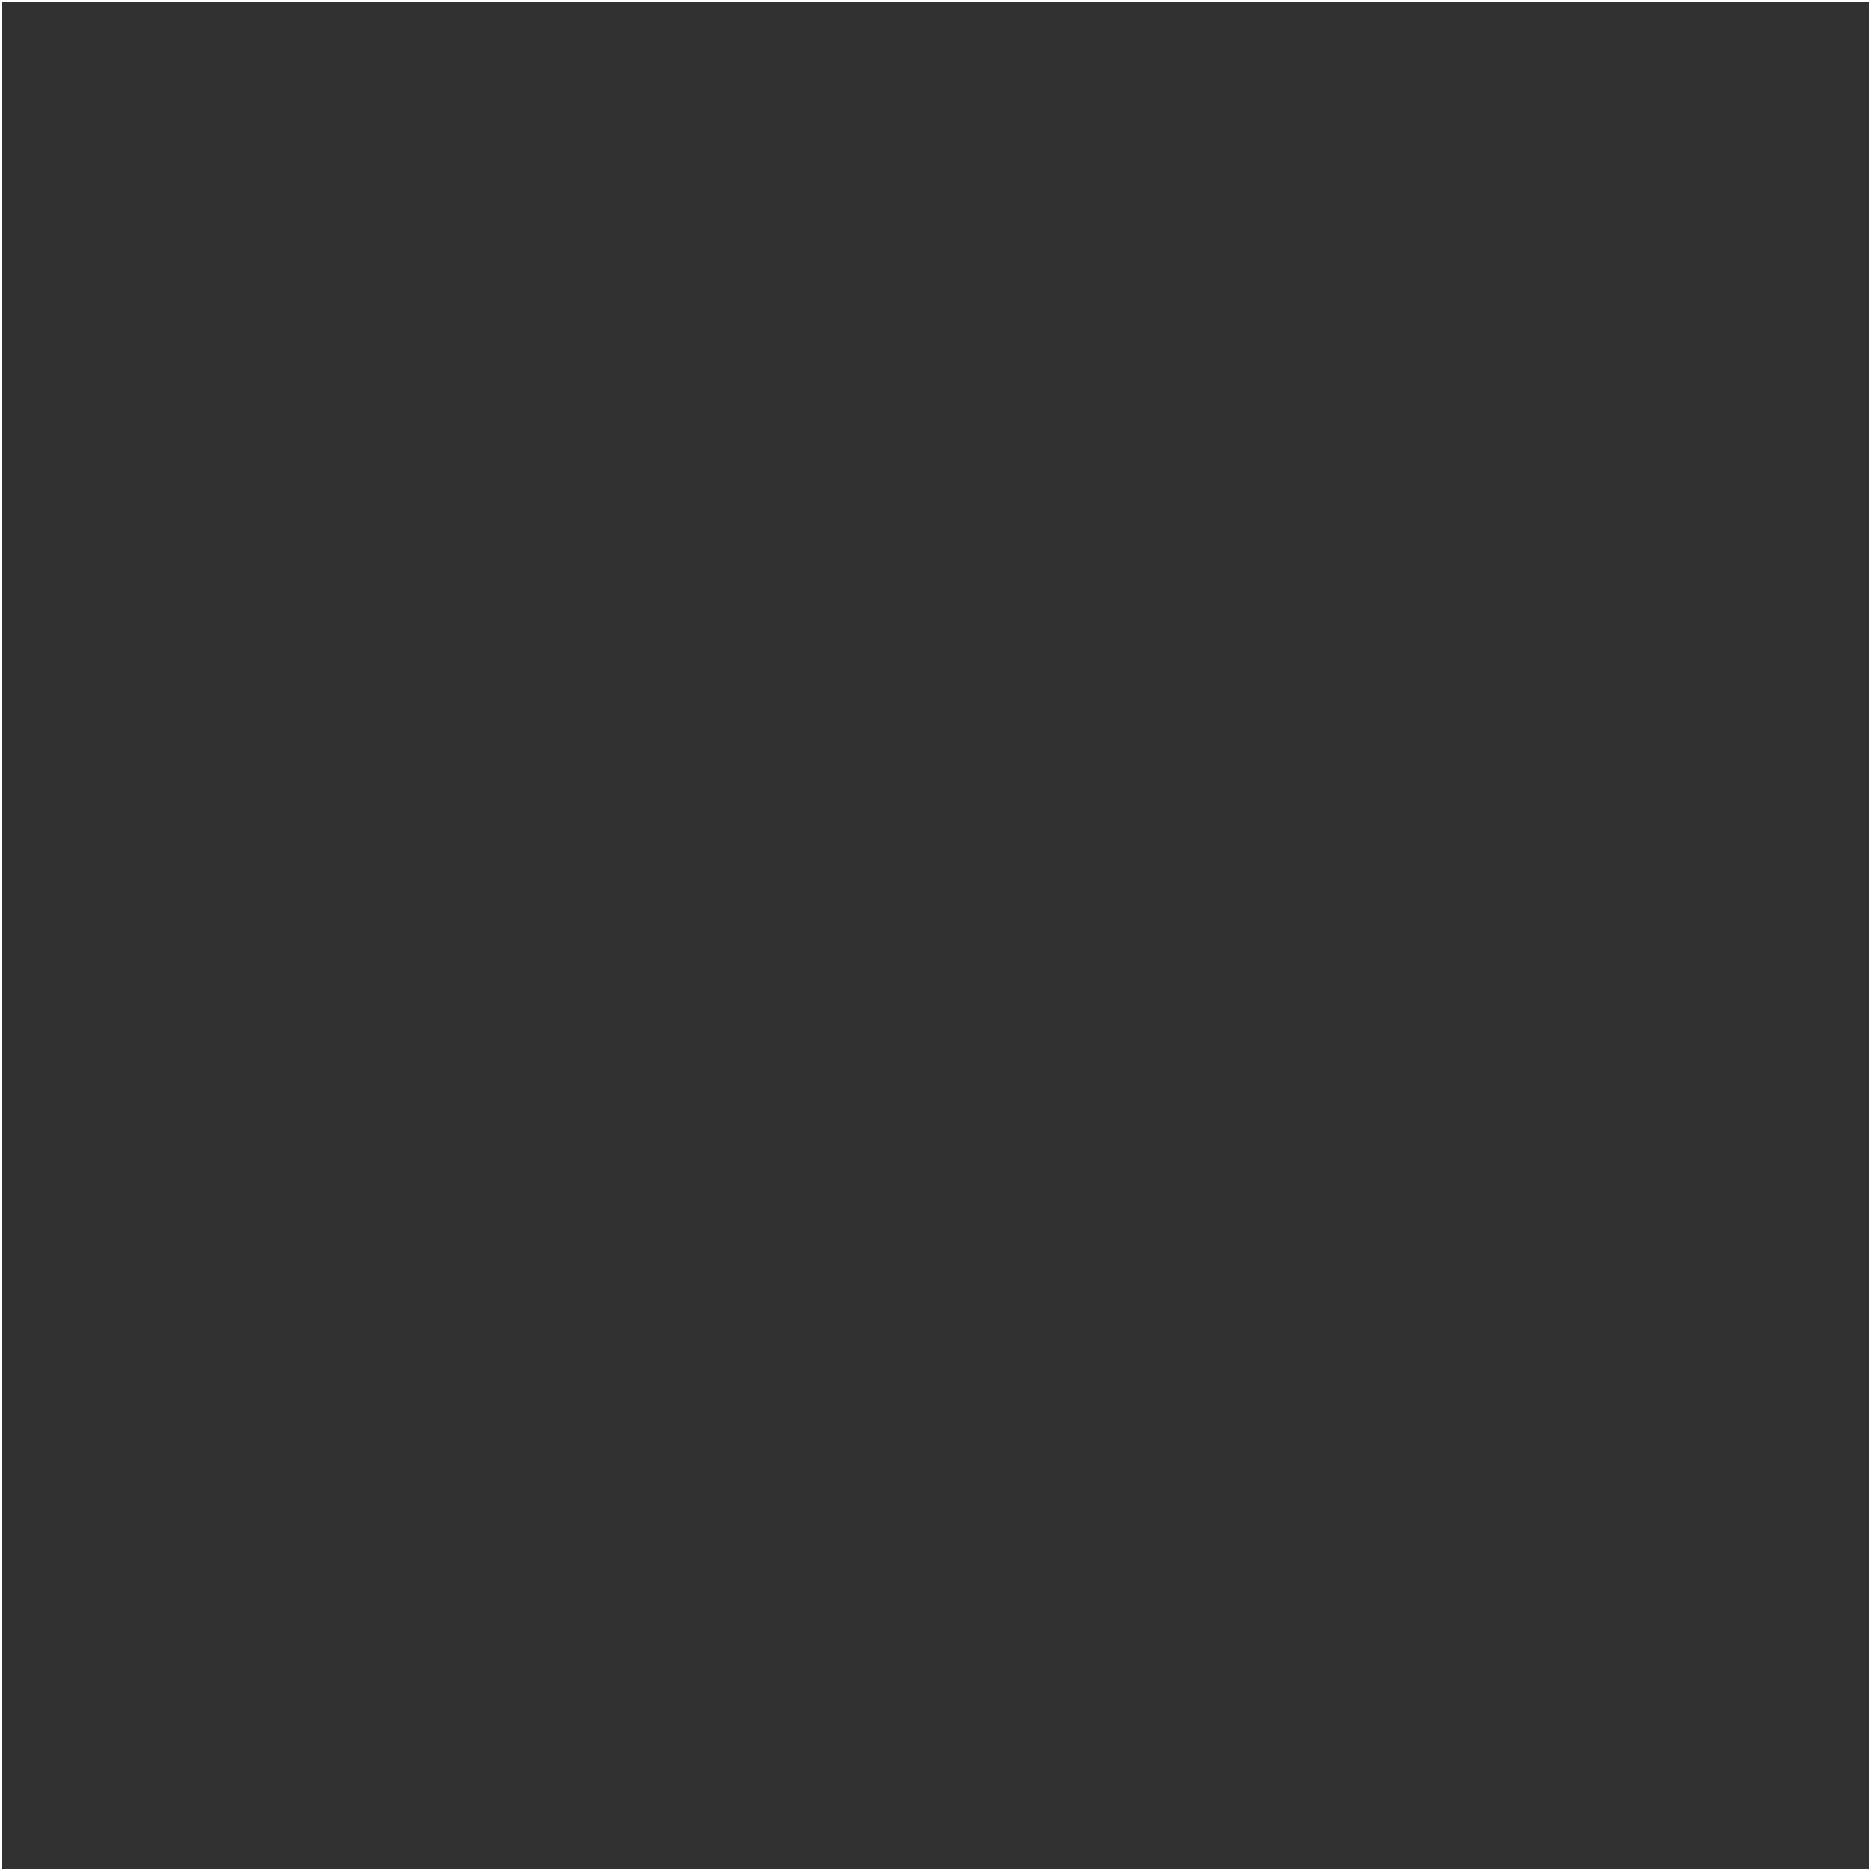 Suomi Puhelinnumero